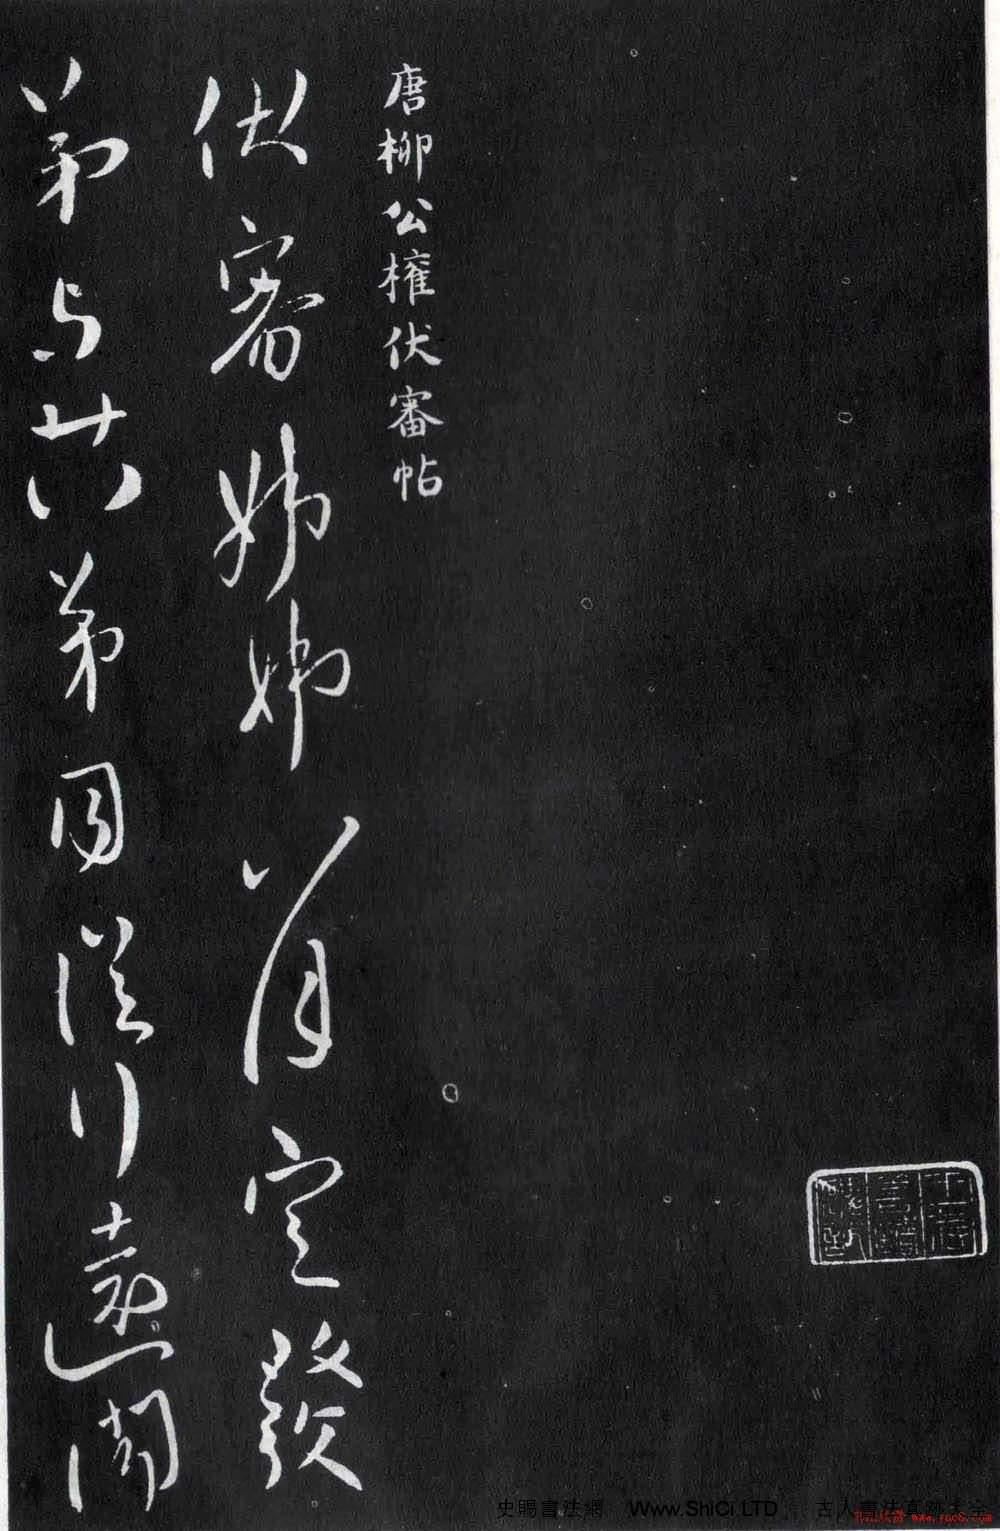 柳公權行書真跡欣賞《伏審帖》和《奉榮帖》(共4張圖片)